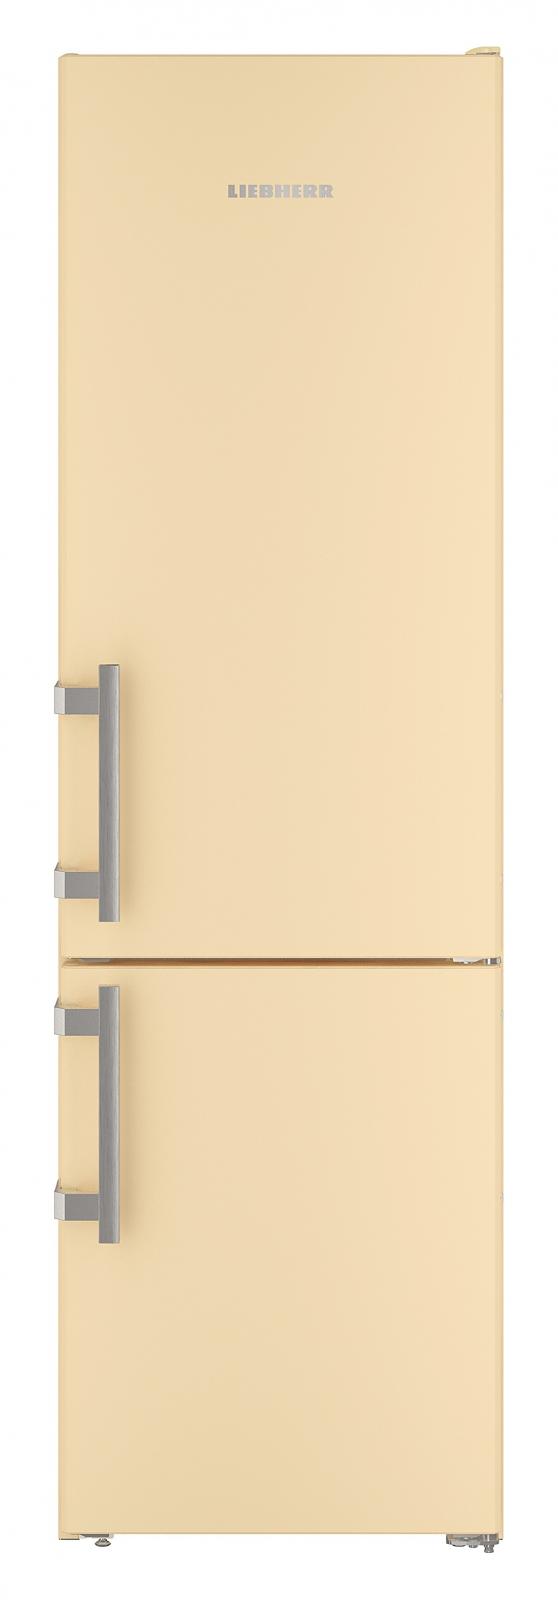 купить Двухкамерный холодильник Liebherr CUbe 4015 Украина фото 2